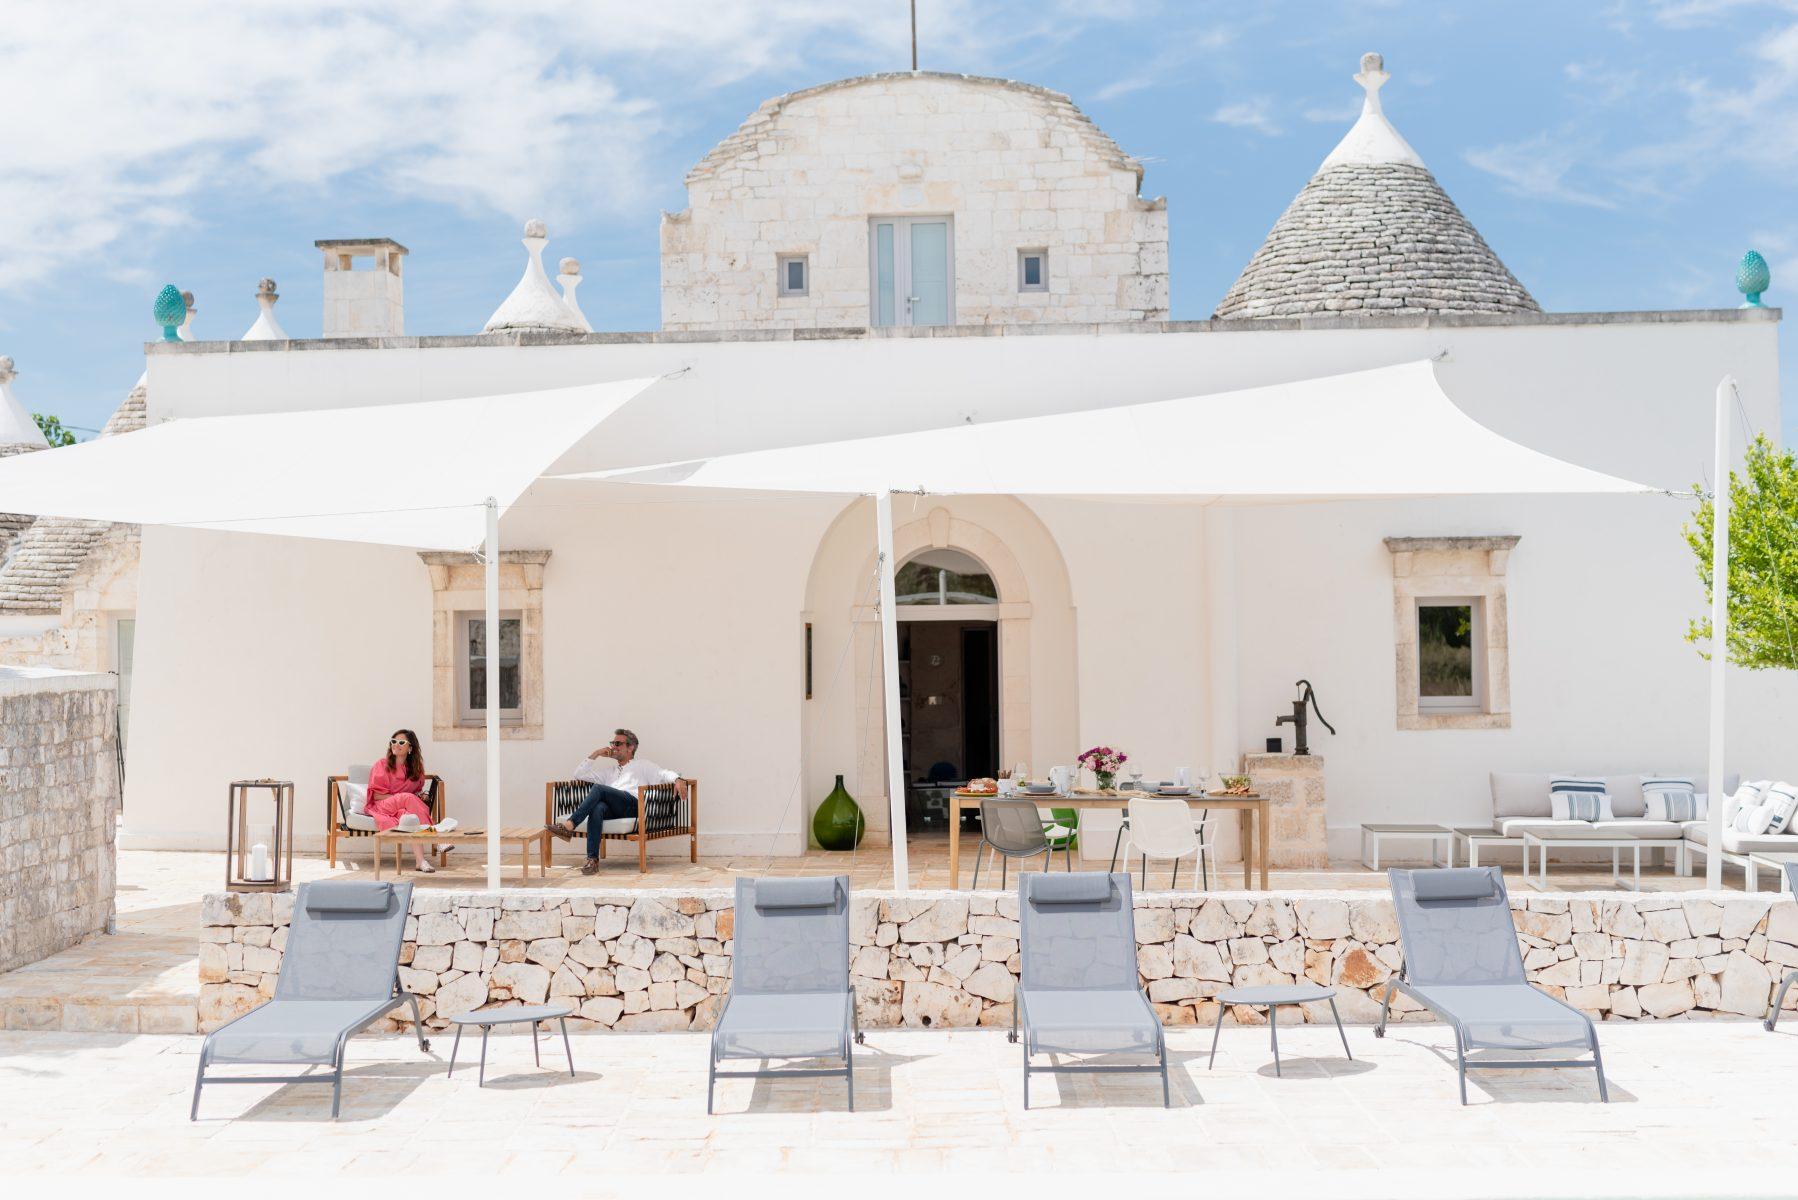 image 10 - outdoor - Dimora dei Gelsi Alberobello Puglia